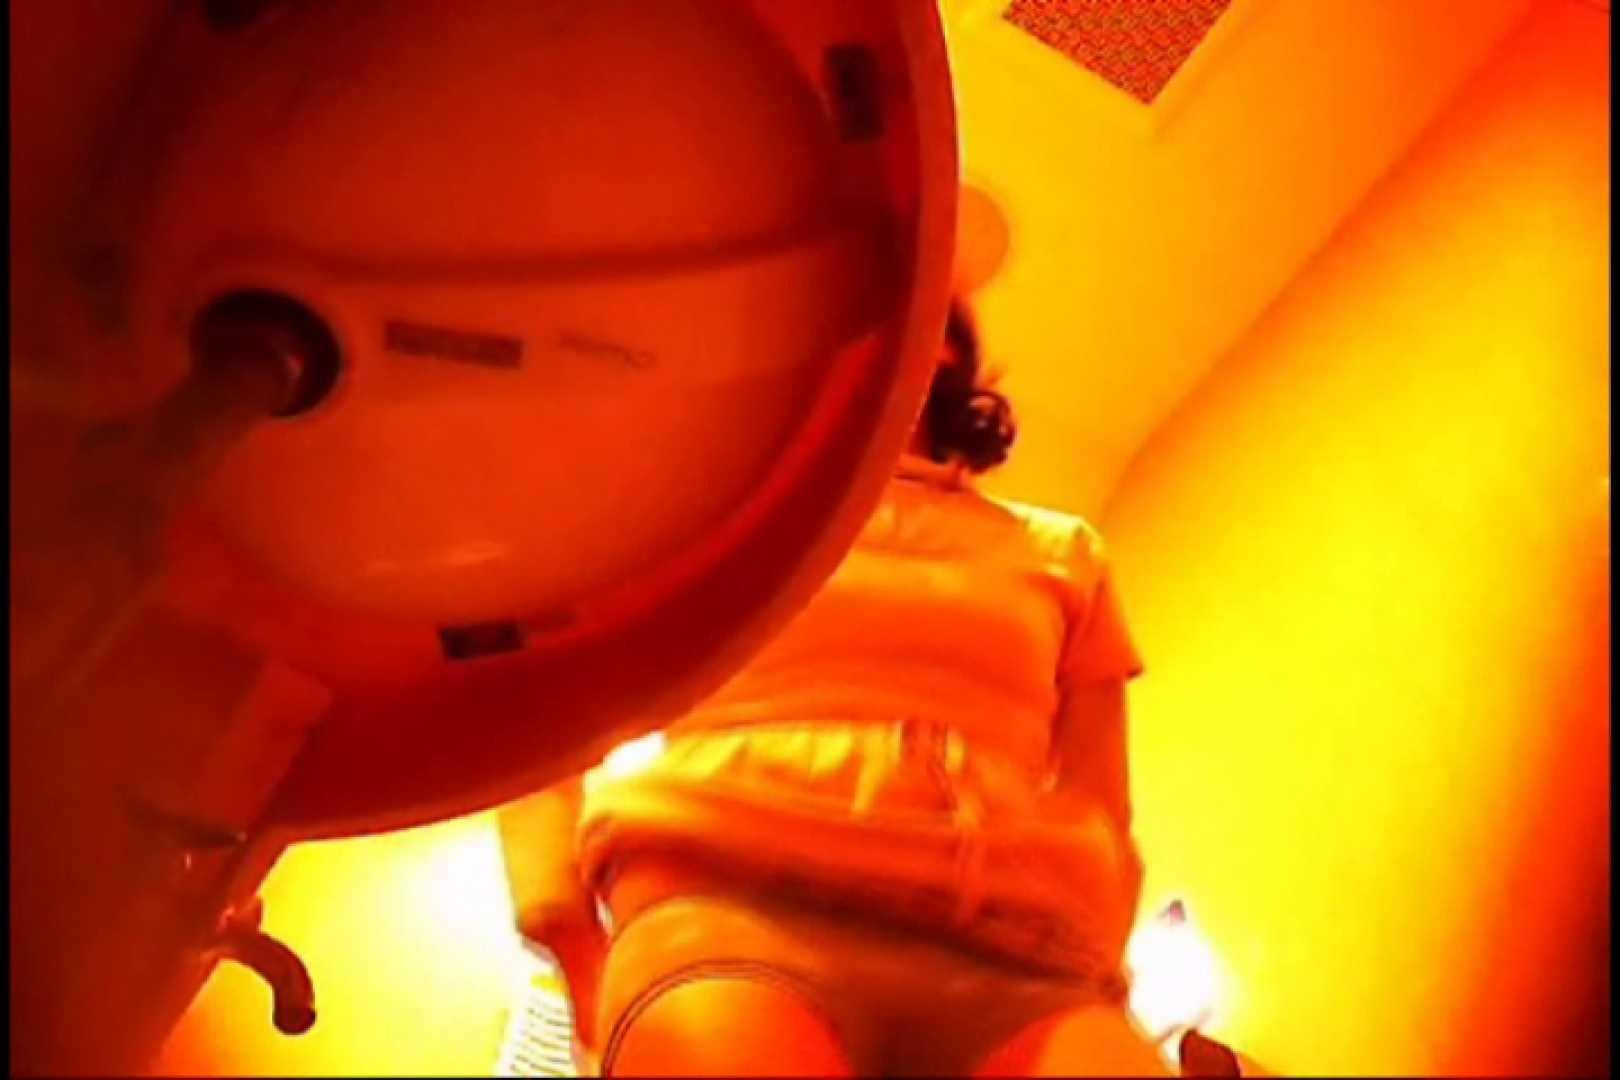 潜入!!女子化粧室盗撮~絶対見られたくない時間~vo,8 盗撮師作品 ヌード画像 106pic 102